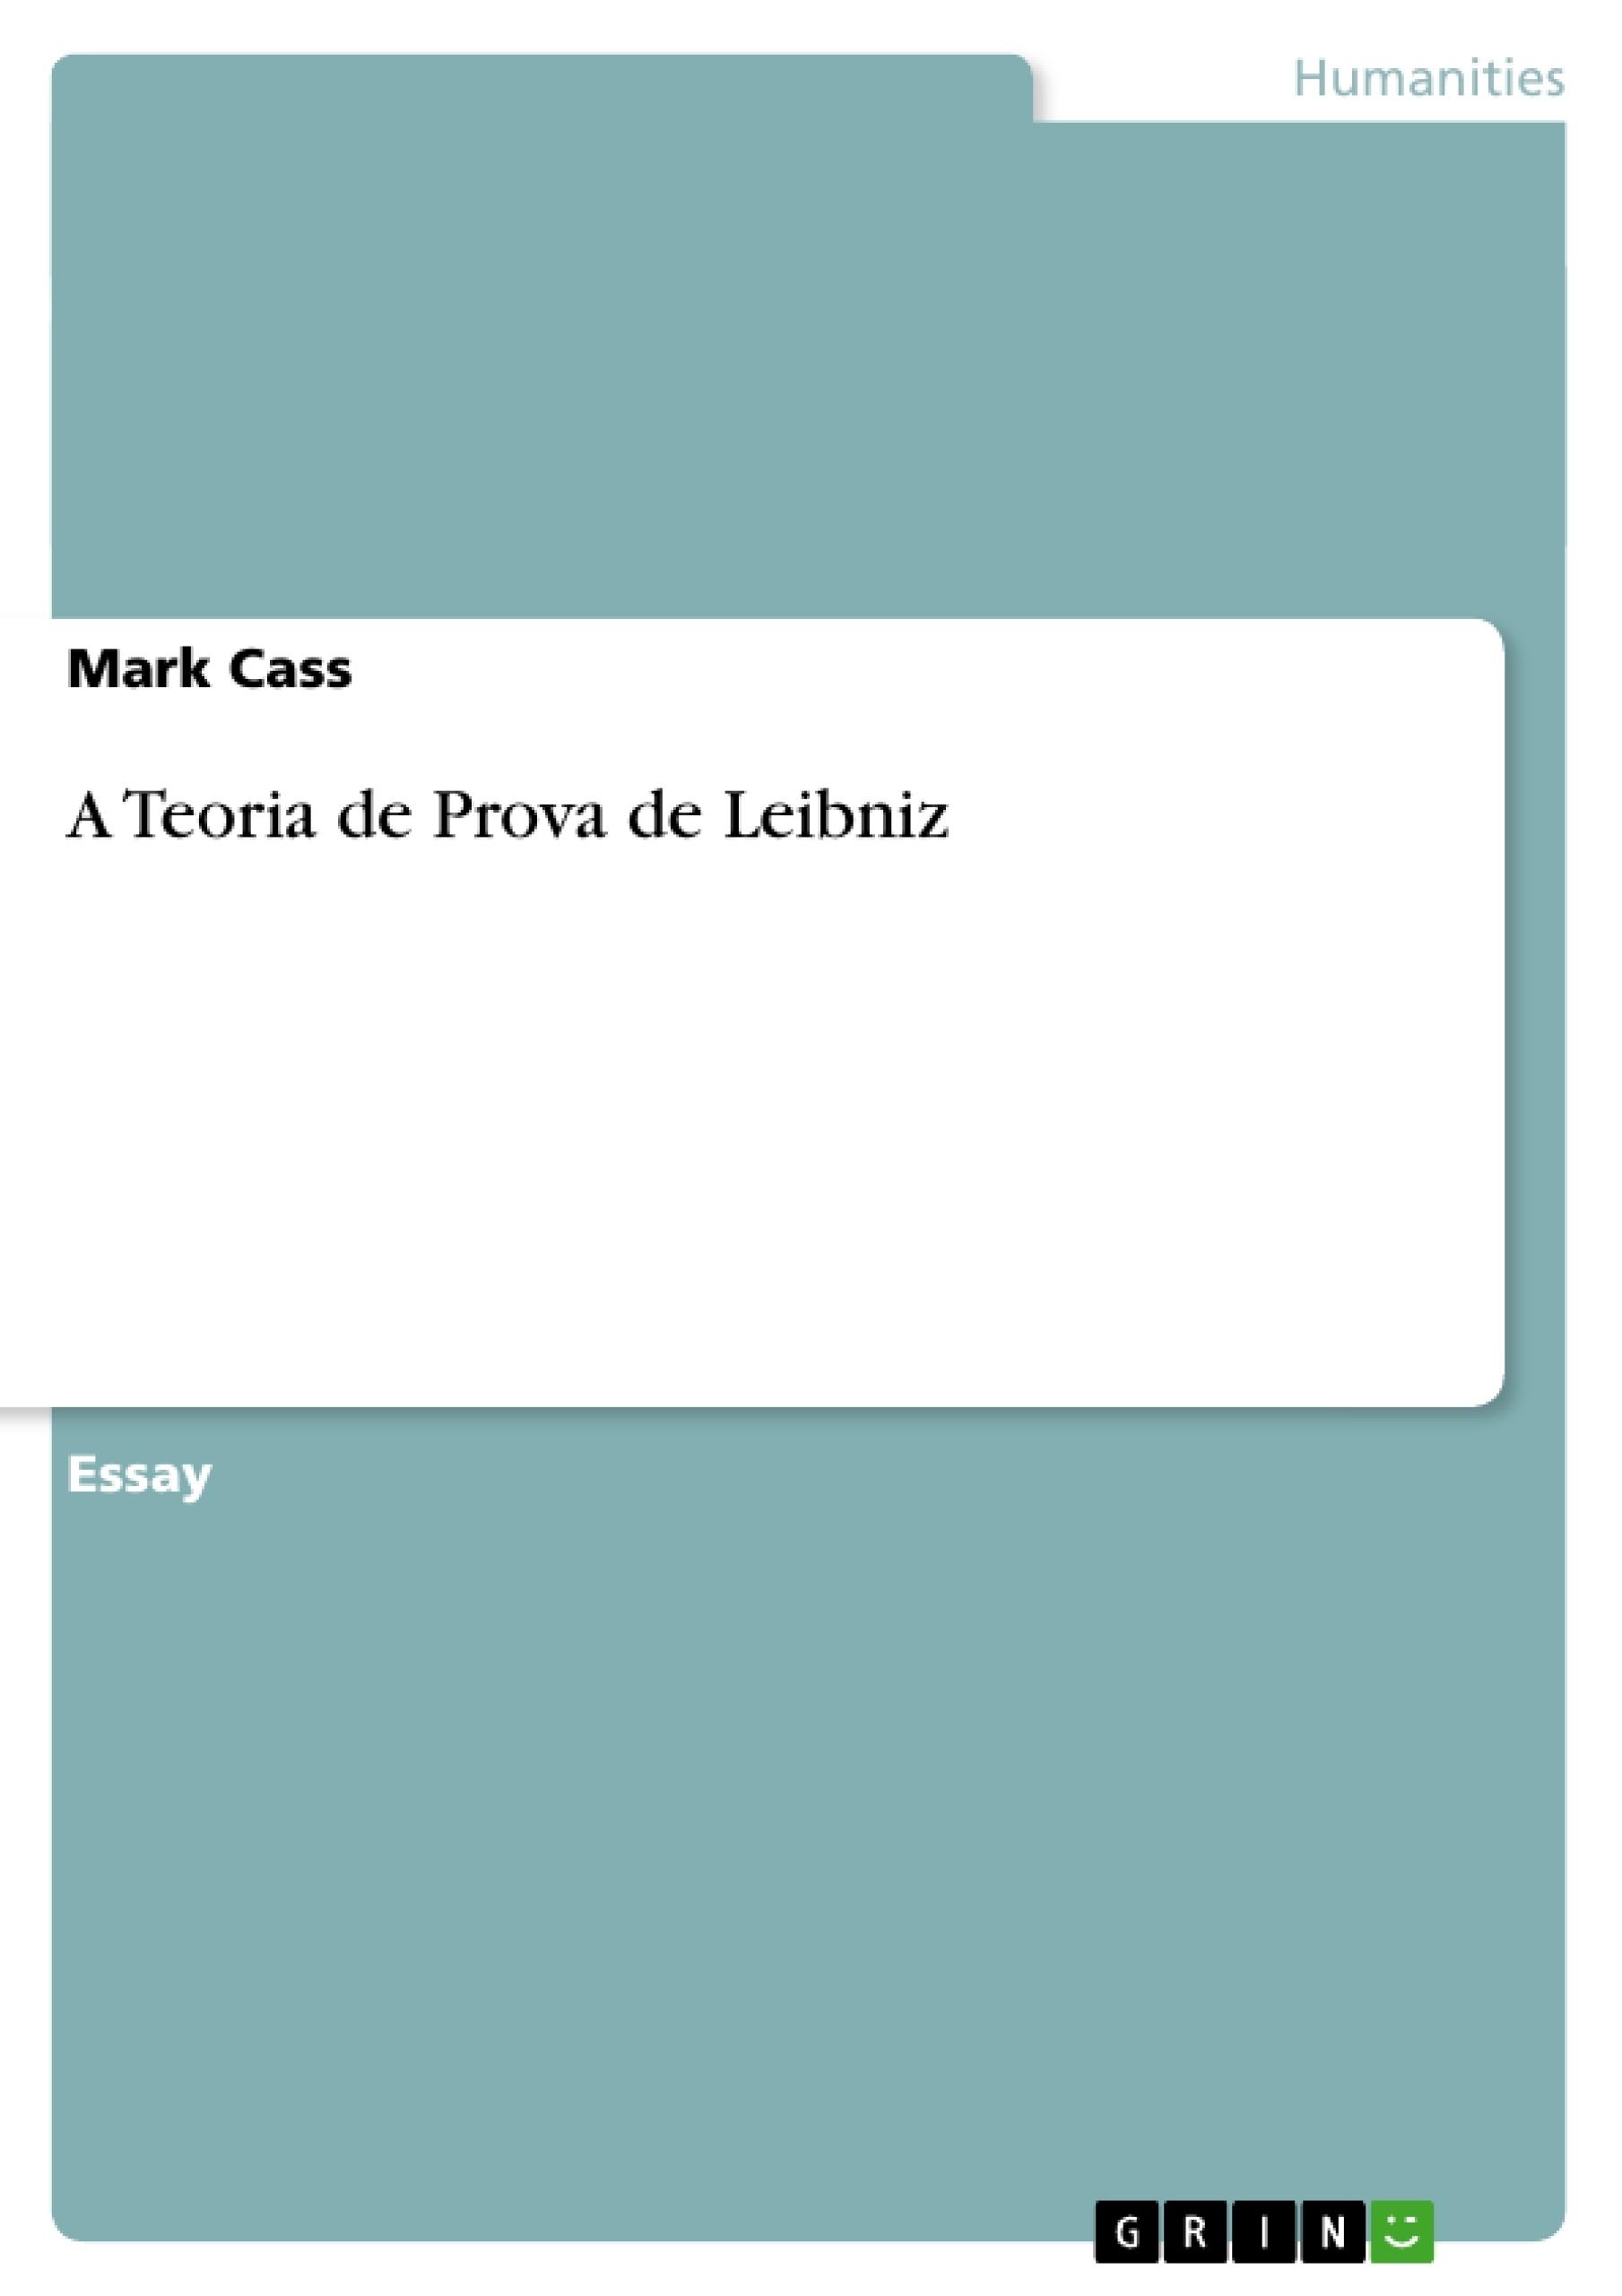 Title: A Teoria de Prova de Leibniz